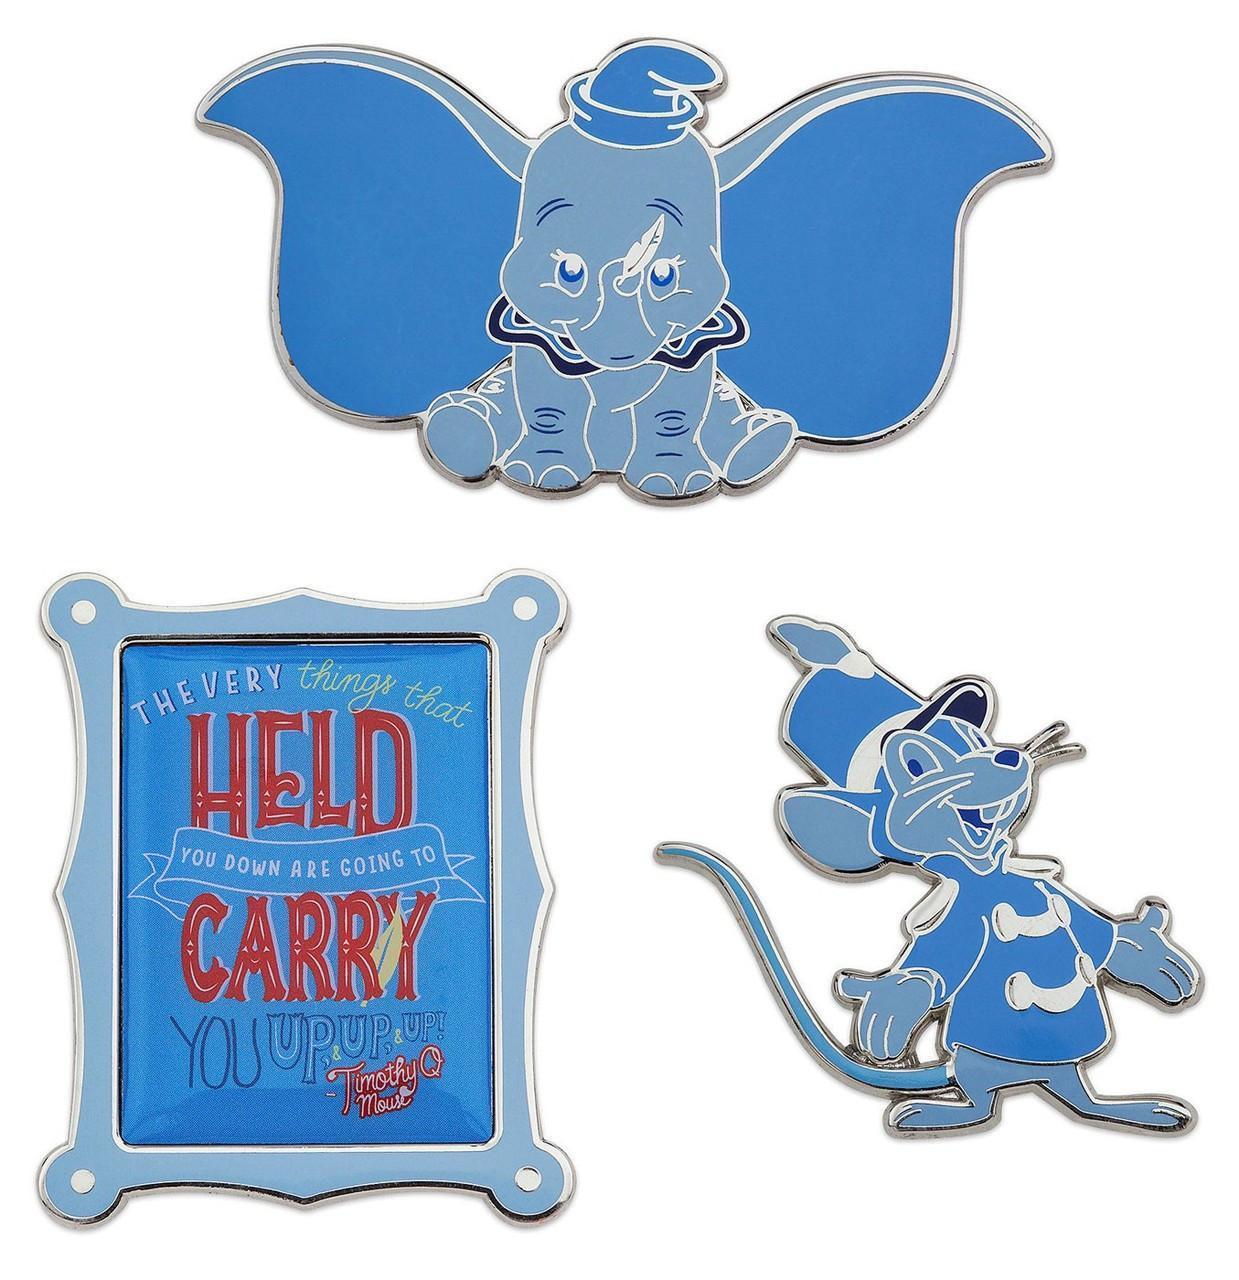 64736746ea Disney Dumbo Wisdom Dumbo Exclusive Pin Set 112 - ToyWiz